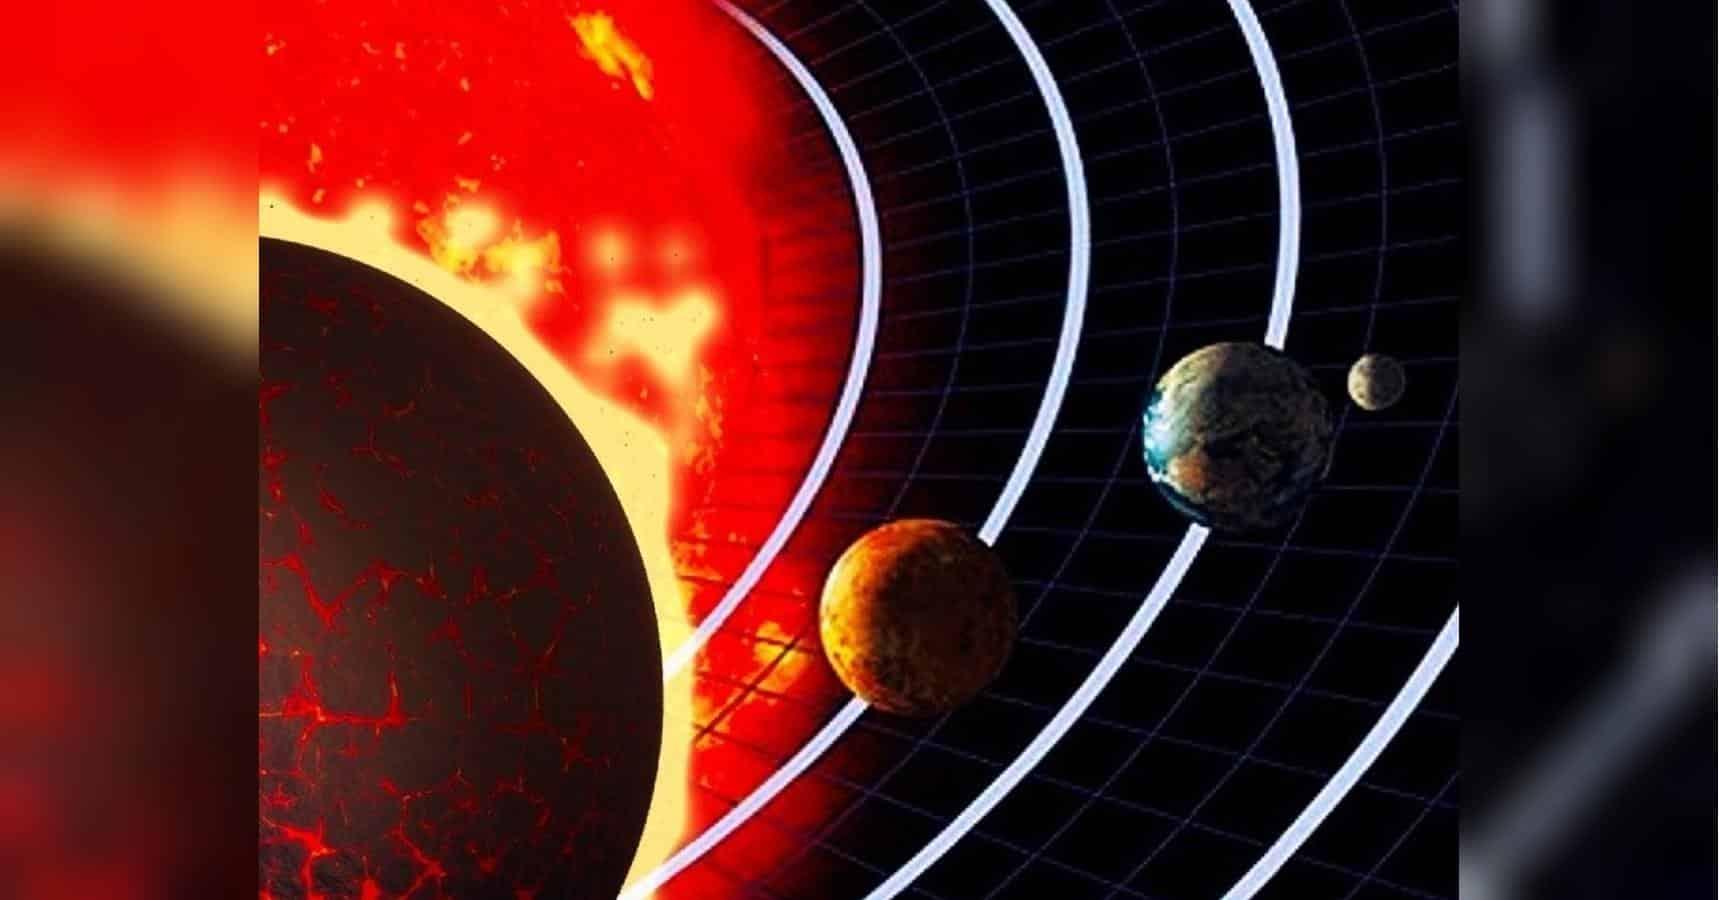 Земля спасена? Таинственная планета Нибиру распалась на части над Москвой